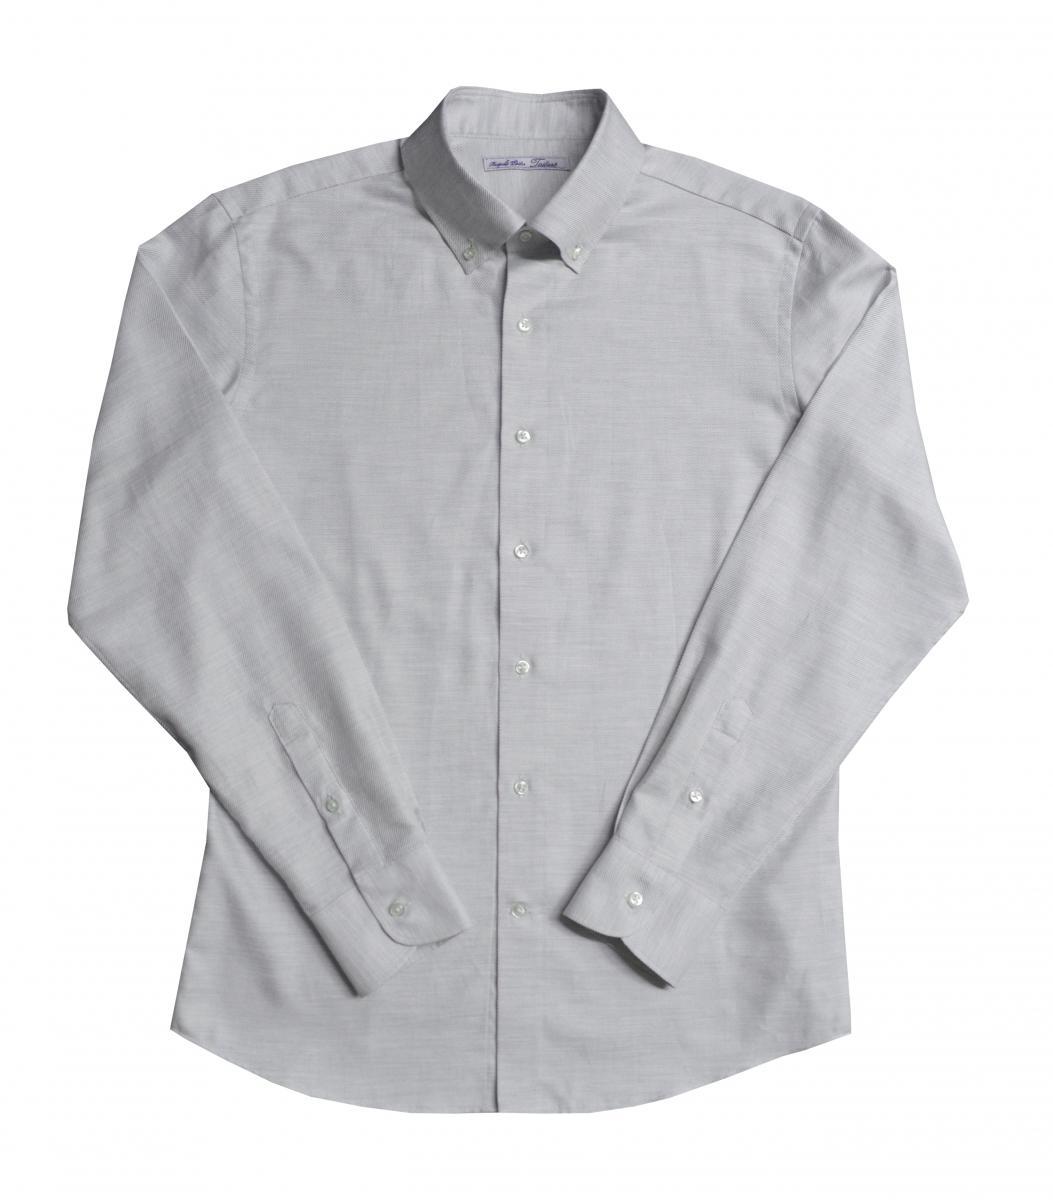 [オーダーシャツ]上品な印象が引き立つライトグレーシャツ!